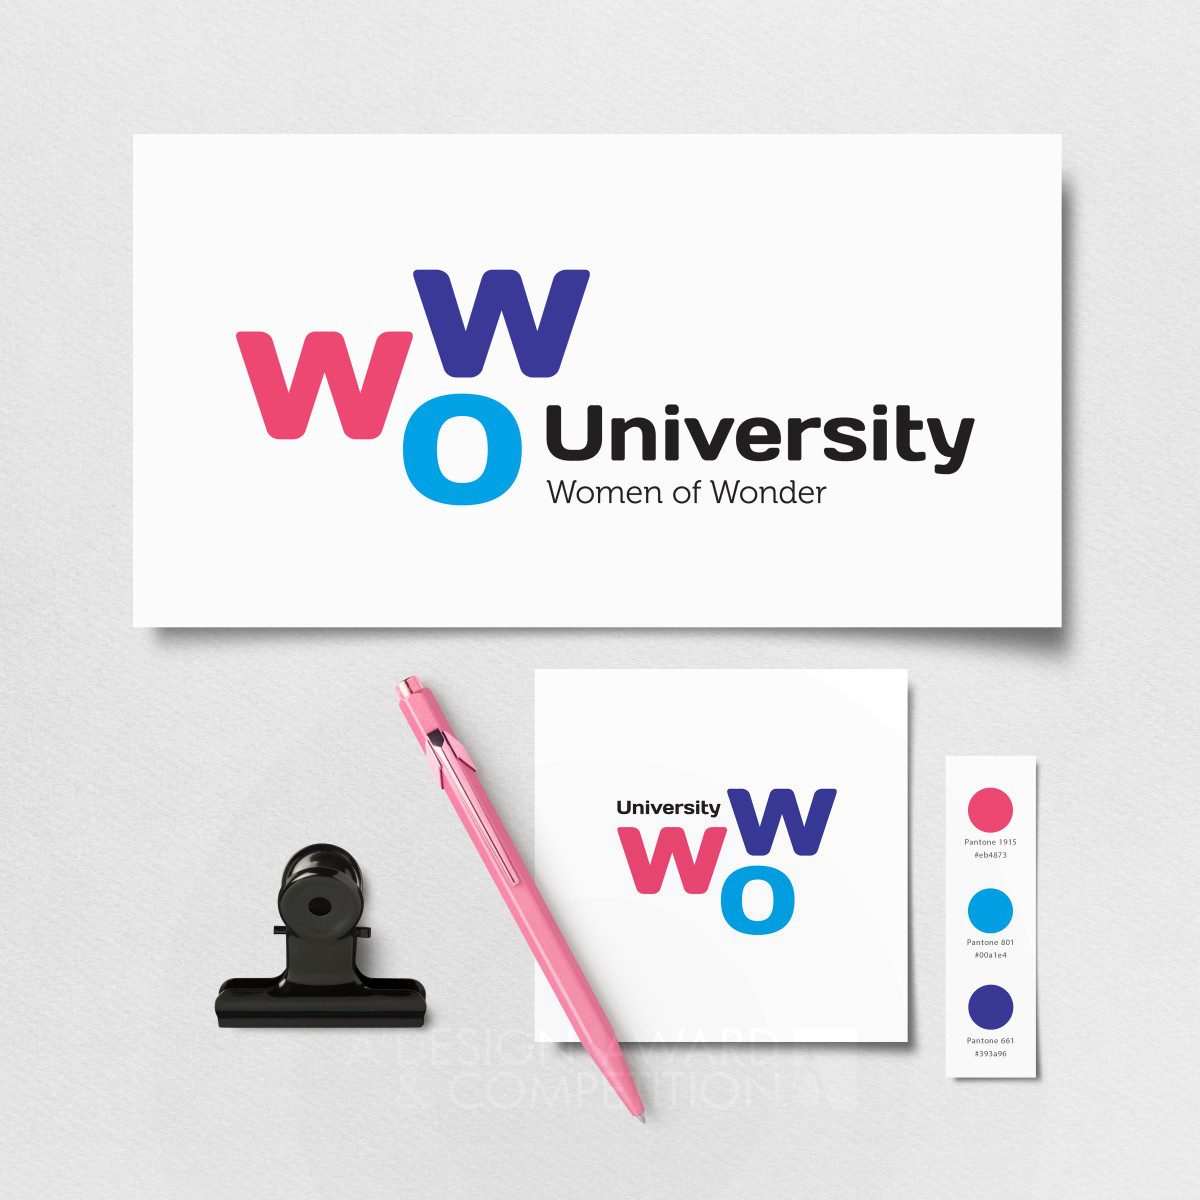 Women of Wonder University Brand Identity